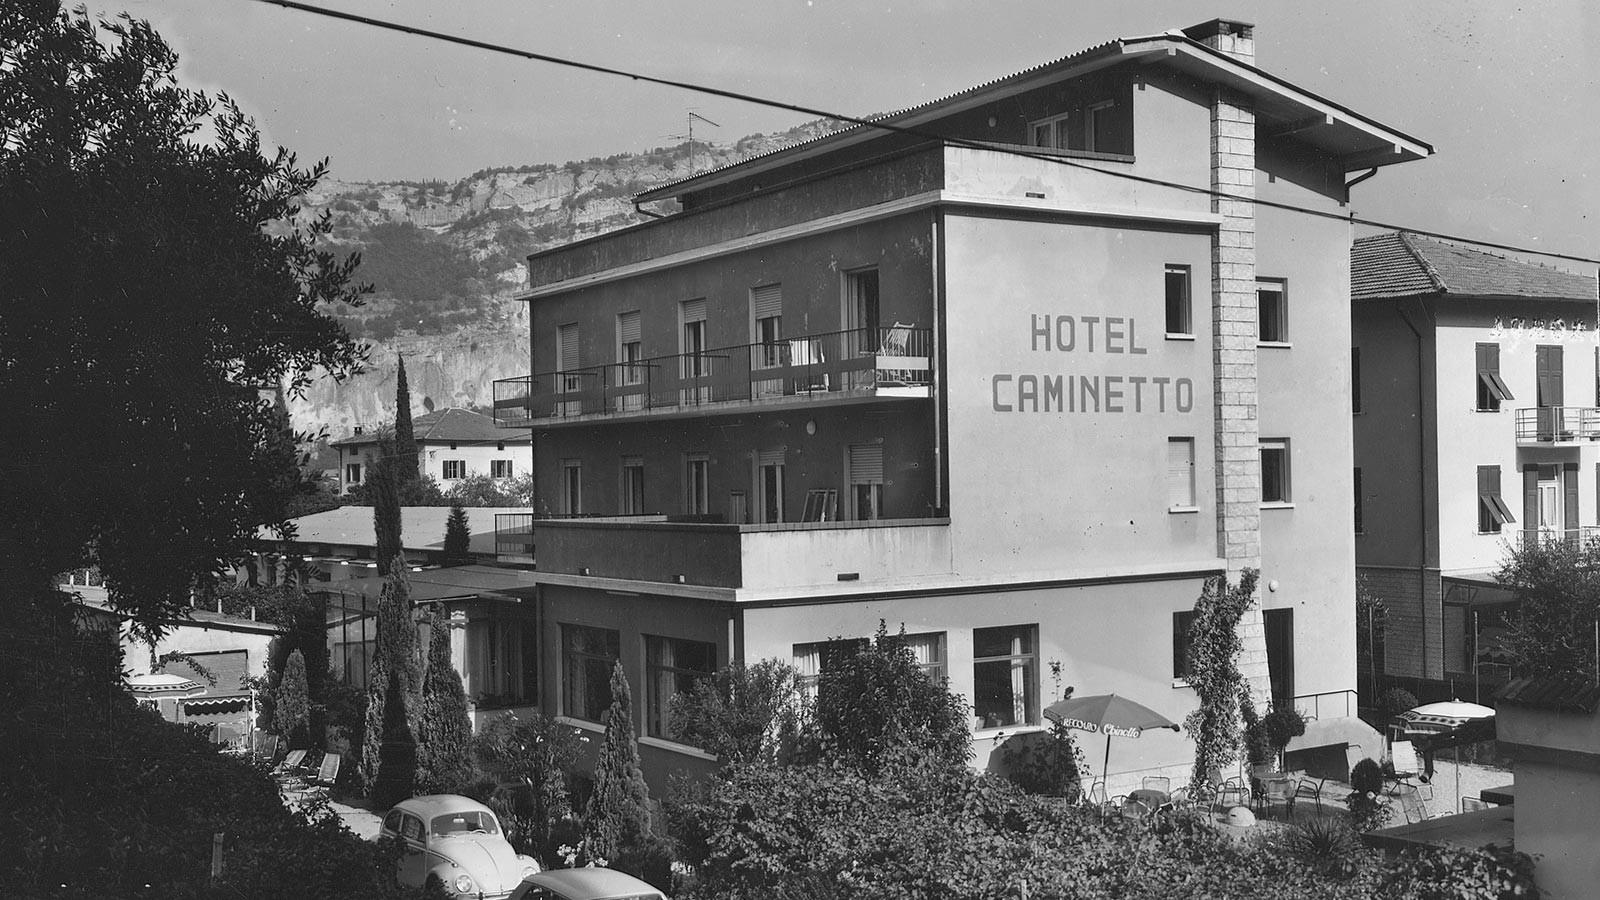 foto storica dell'hotel caminetto